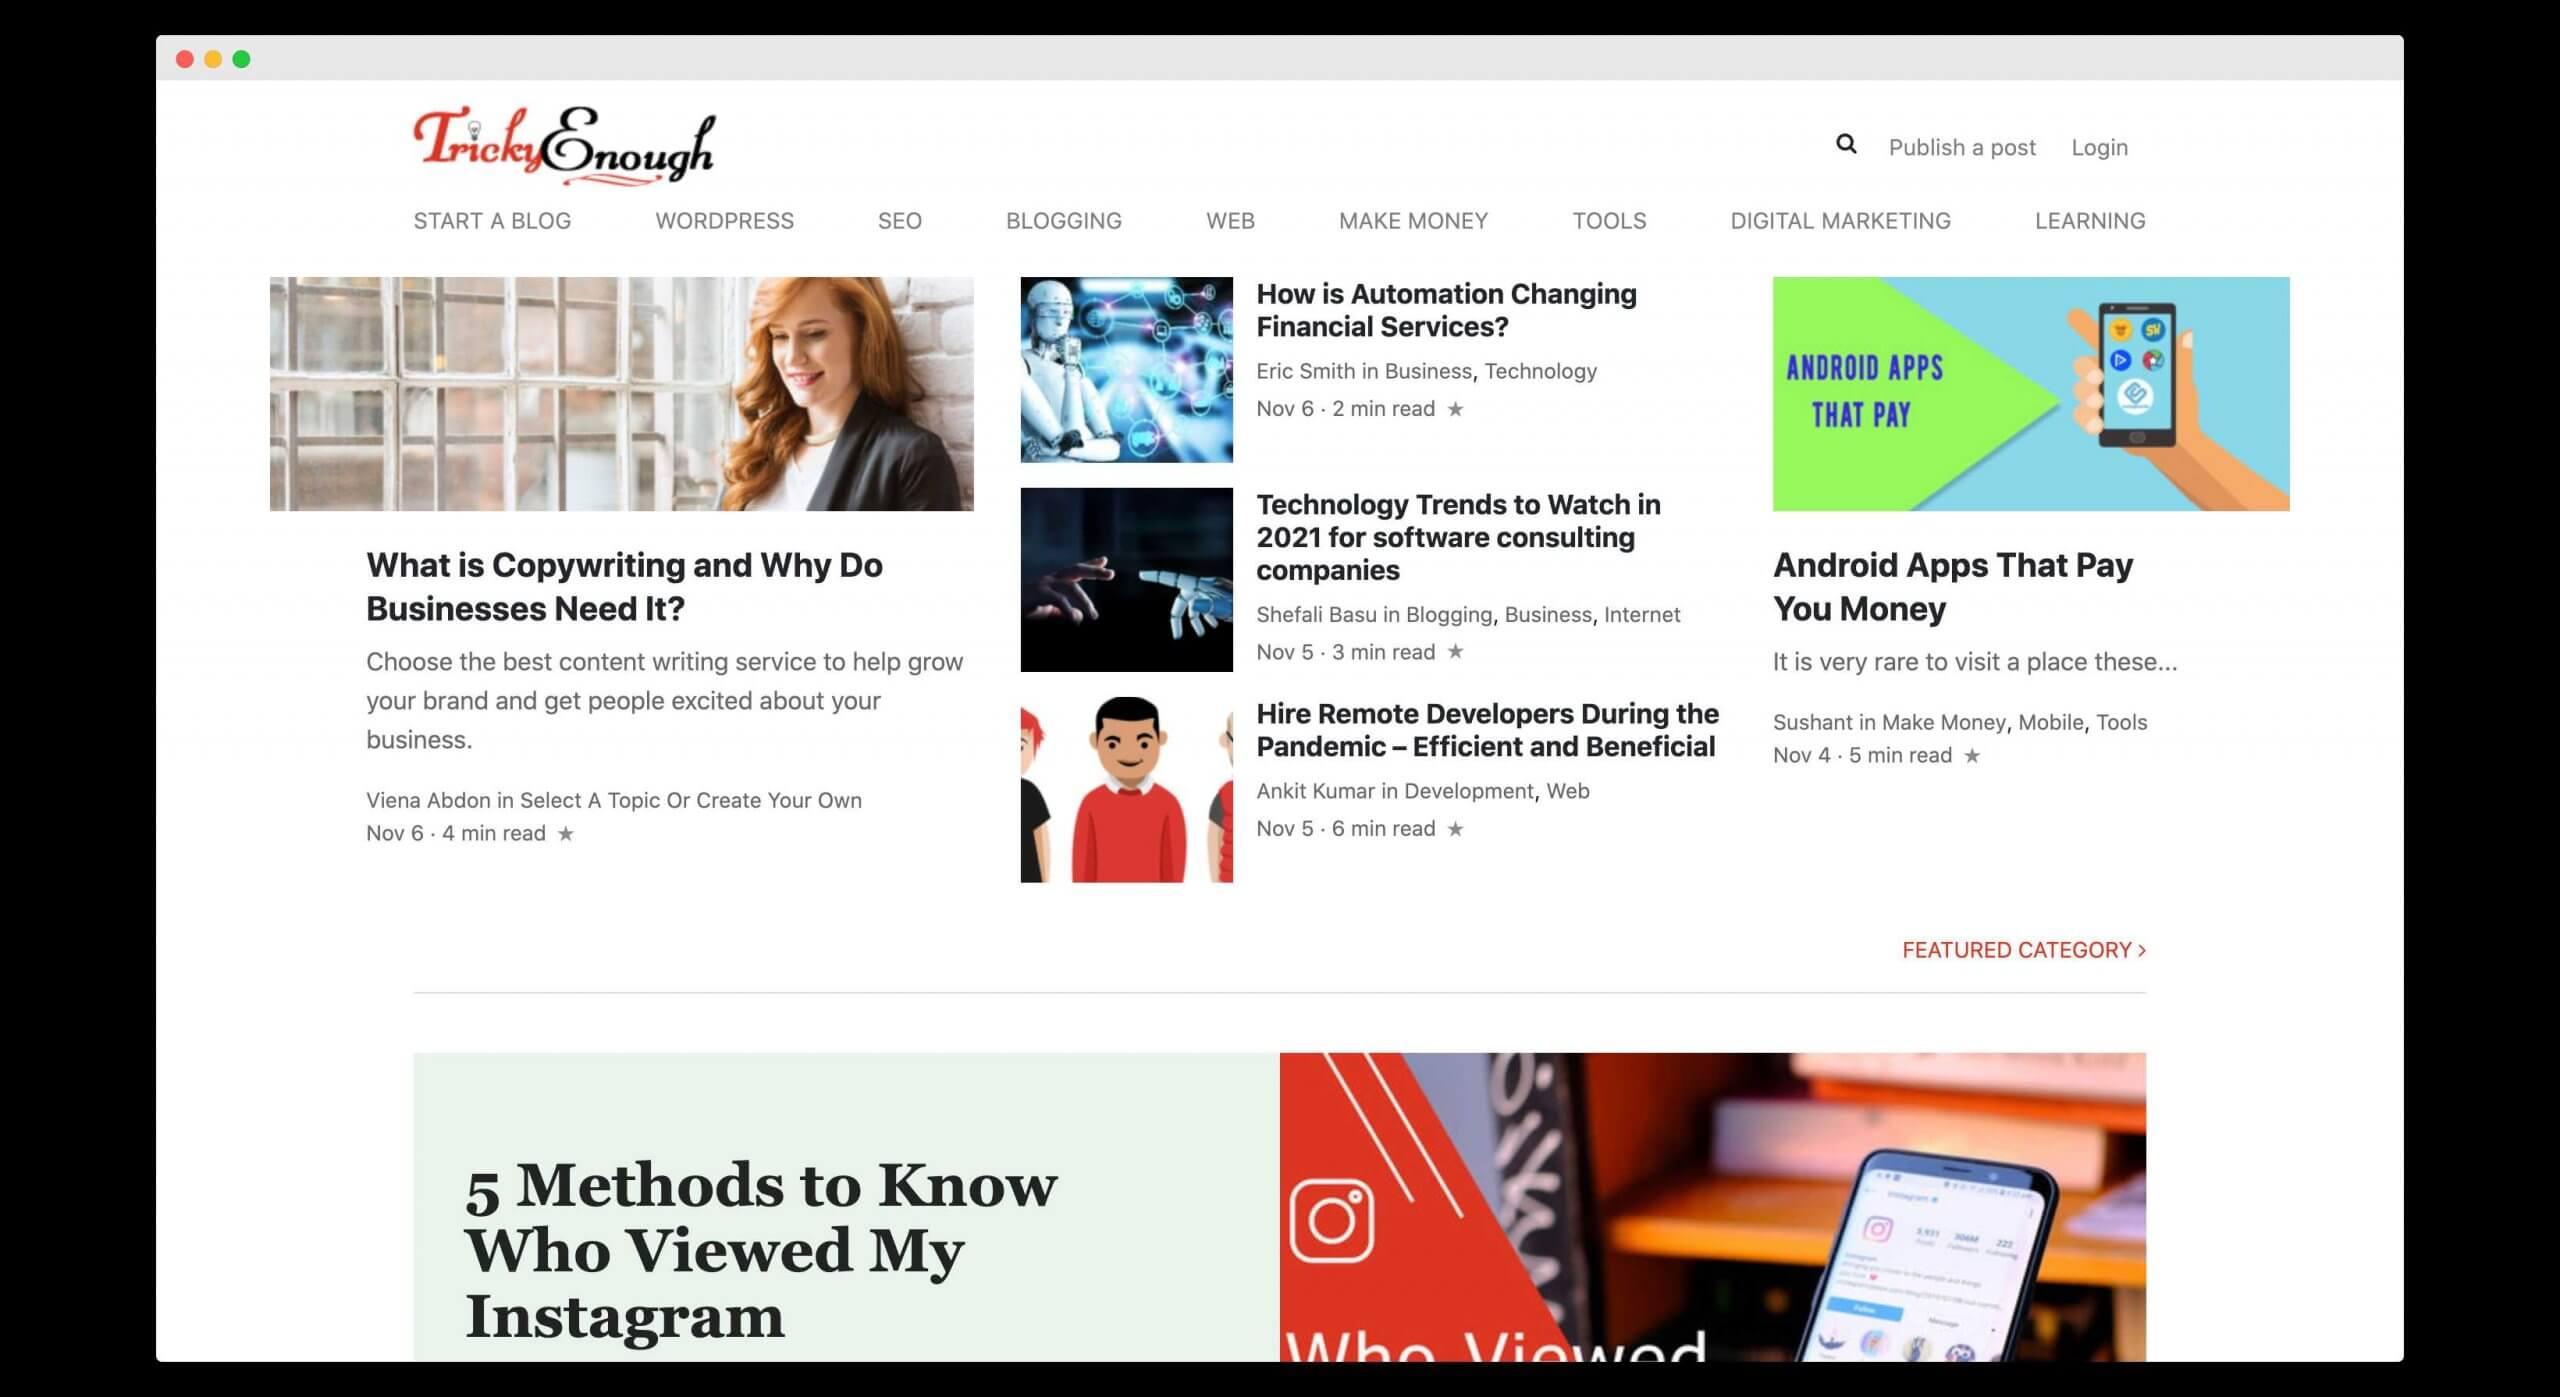 best technology blogs, best technology blogs to follow, tech blogs, technology blogs, technology blogs to follow